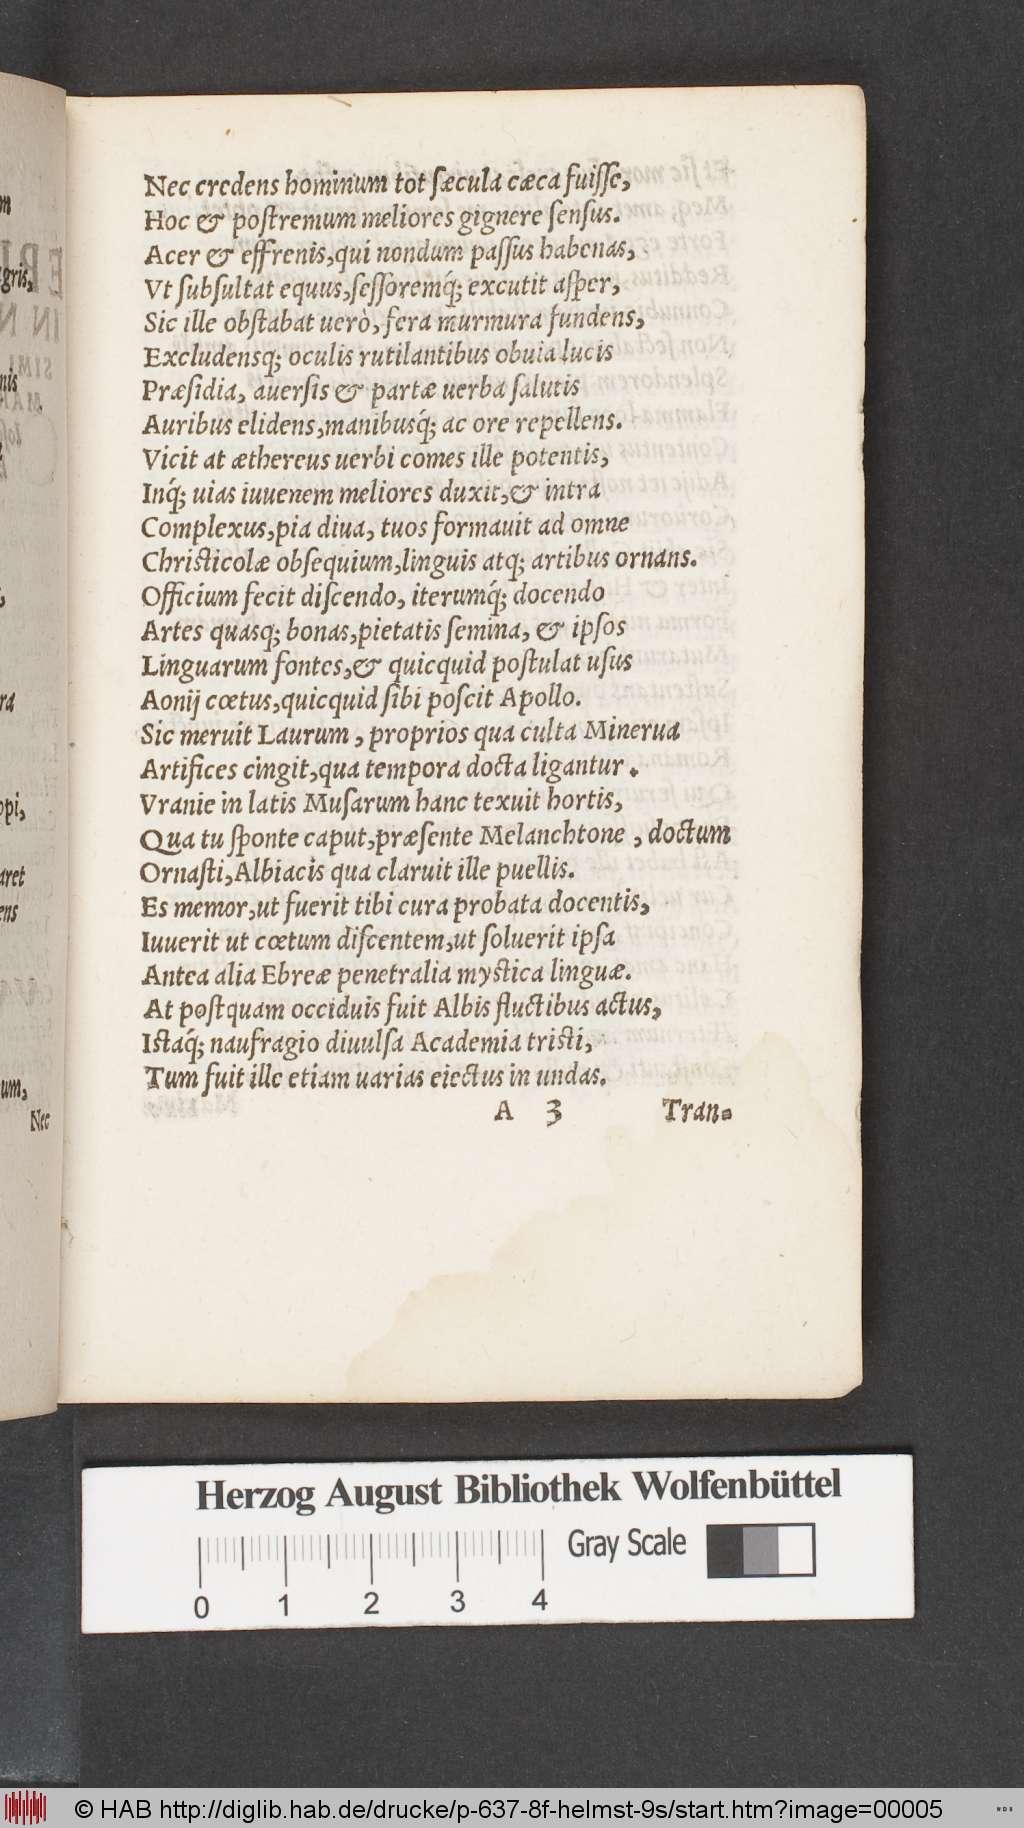 http://diglib.hab.de/drucke/p-637-8f-helmst-9s/00005.jpg